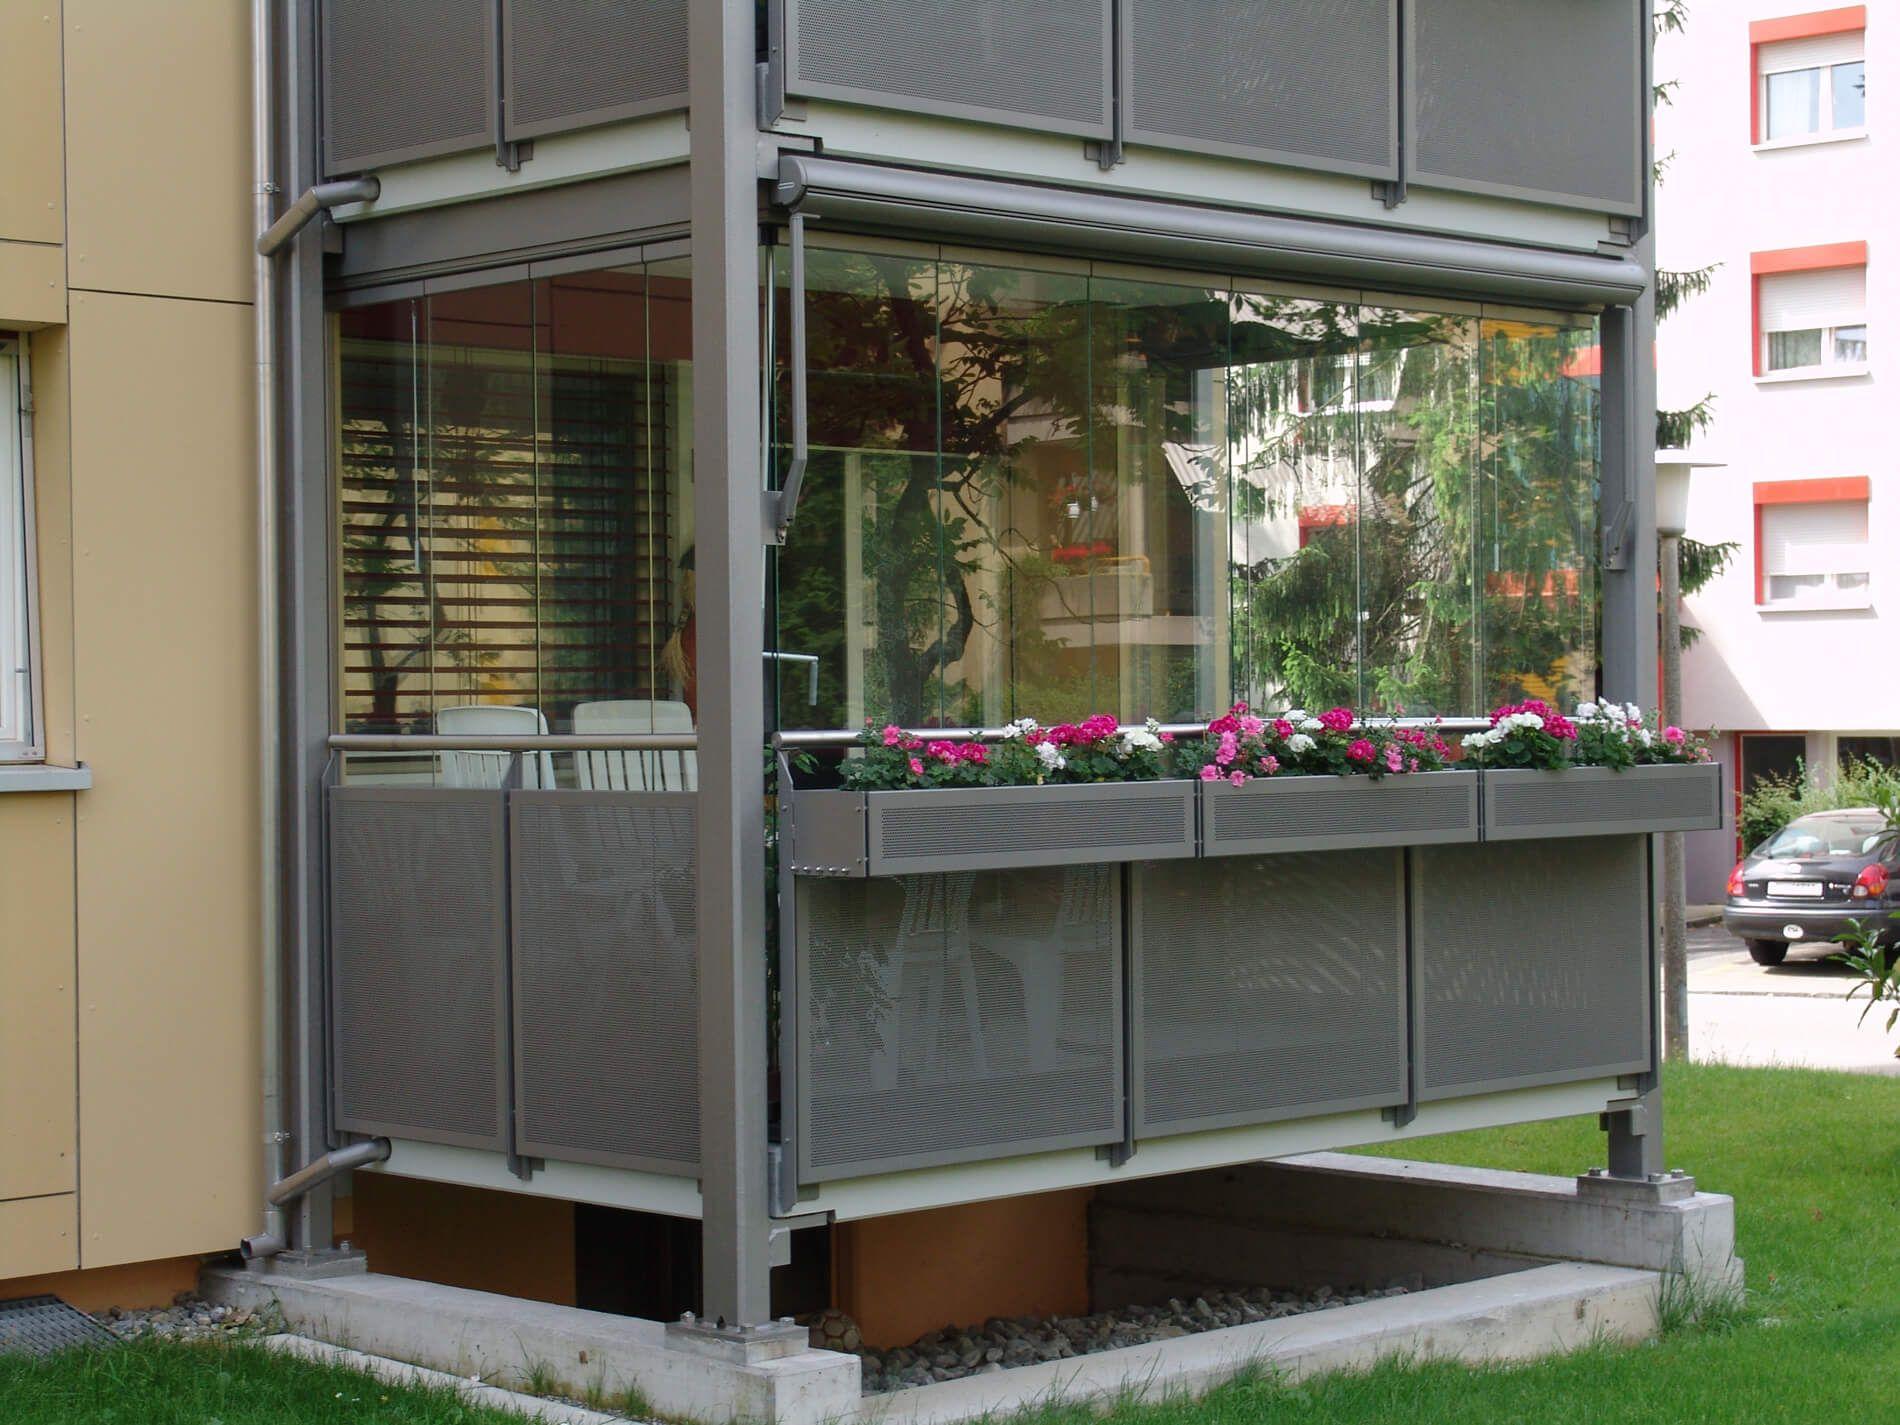 Schiebesystem Fur Balkon Glasschiebetur Terrassenverglasung Und